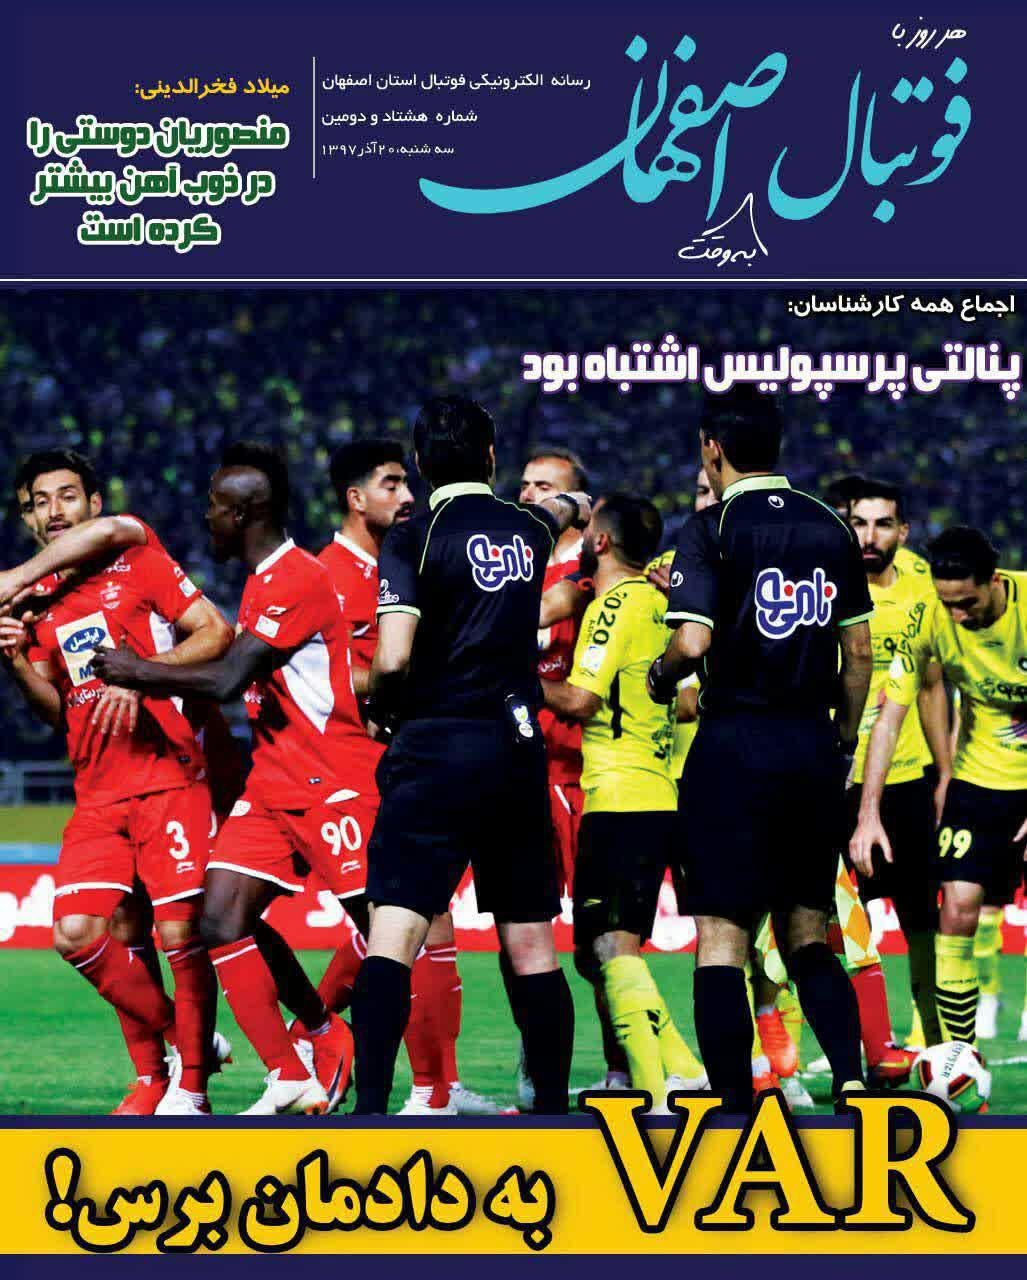 عناوین روزنامههای ورزشی ۲۰ آذر ۹۷/ فینال هنرهای رزمی +تصاویر